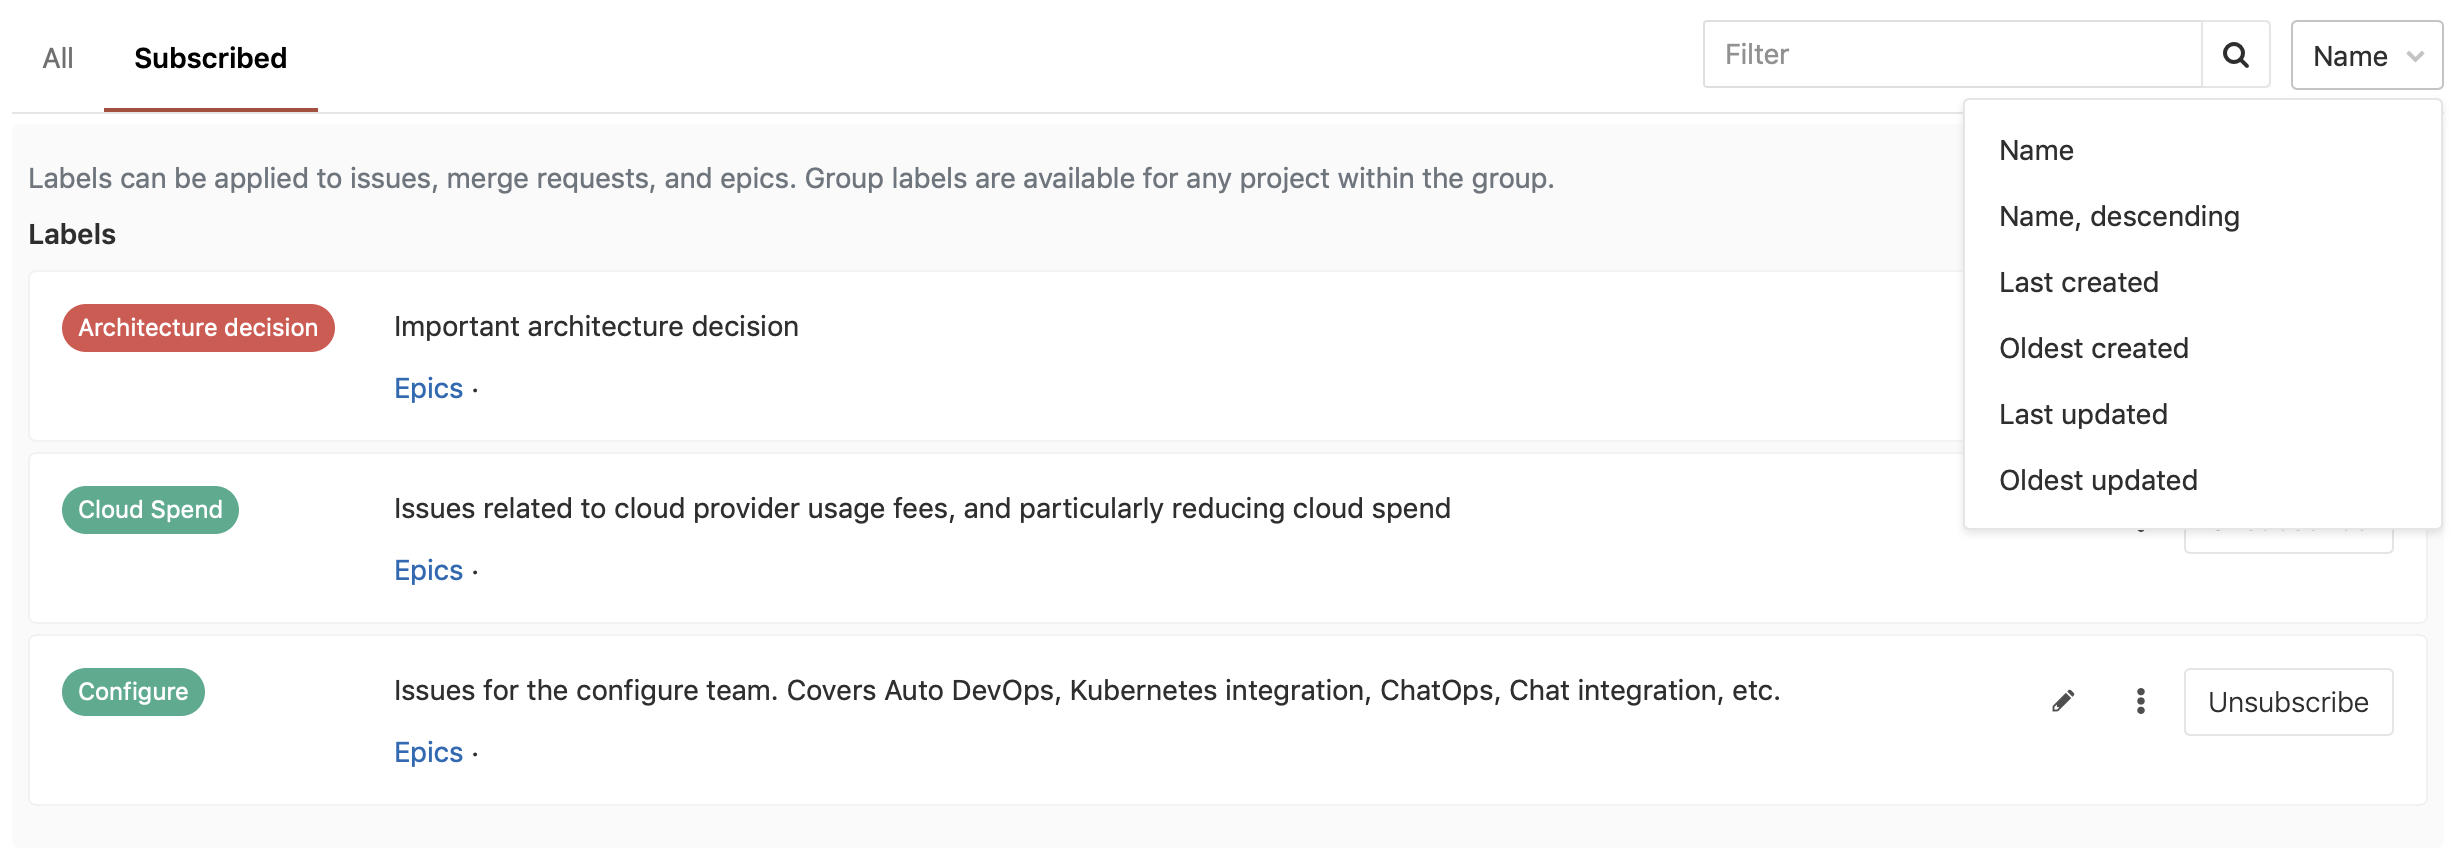 Новый выпуск GitLab 11.4 с рецензированием запросов слияния и флажками функций - 14